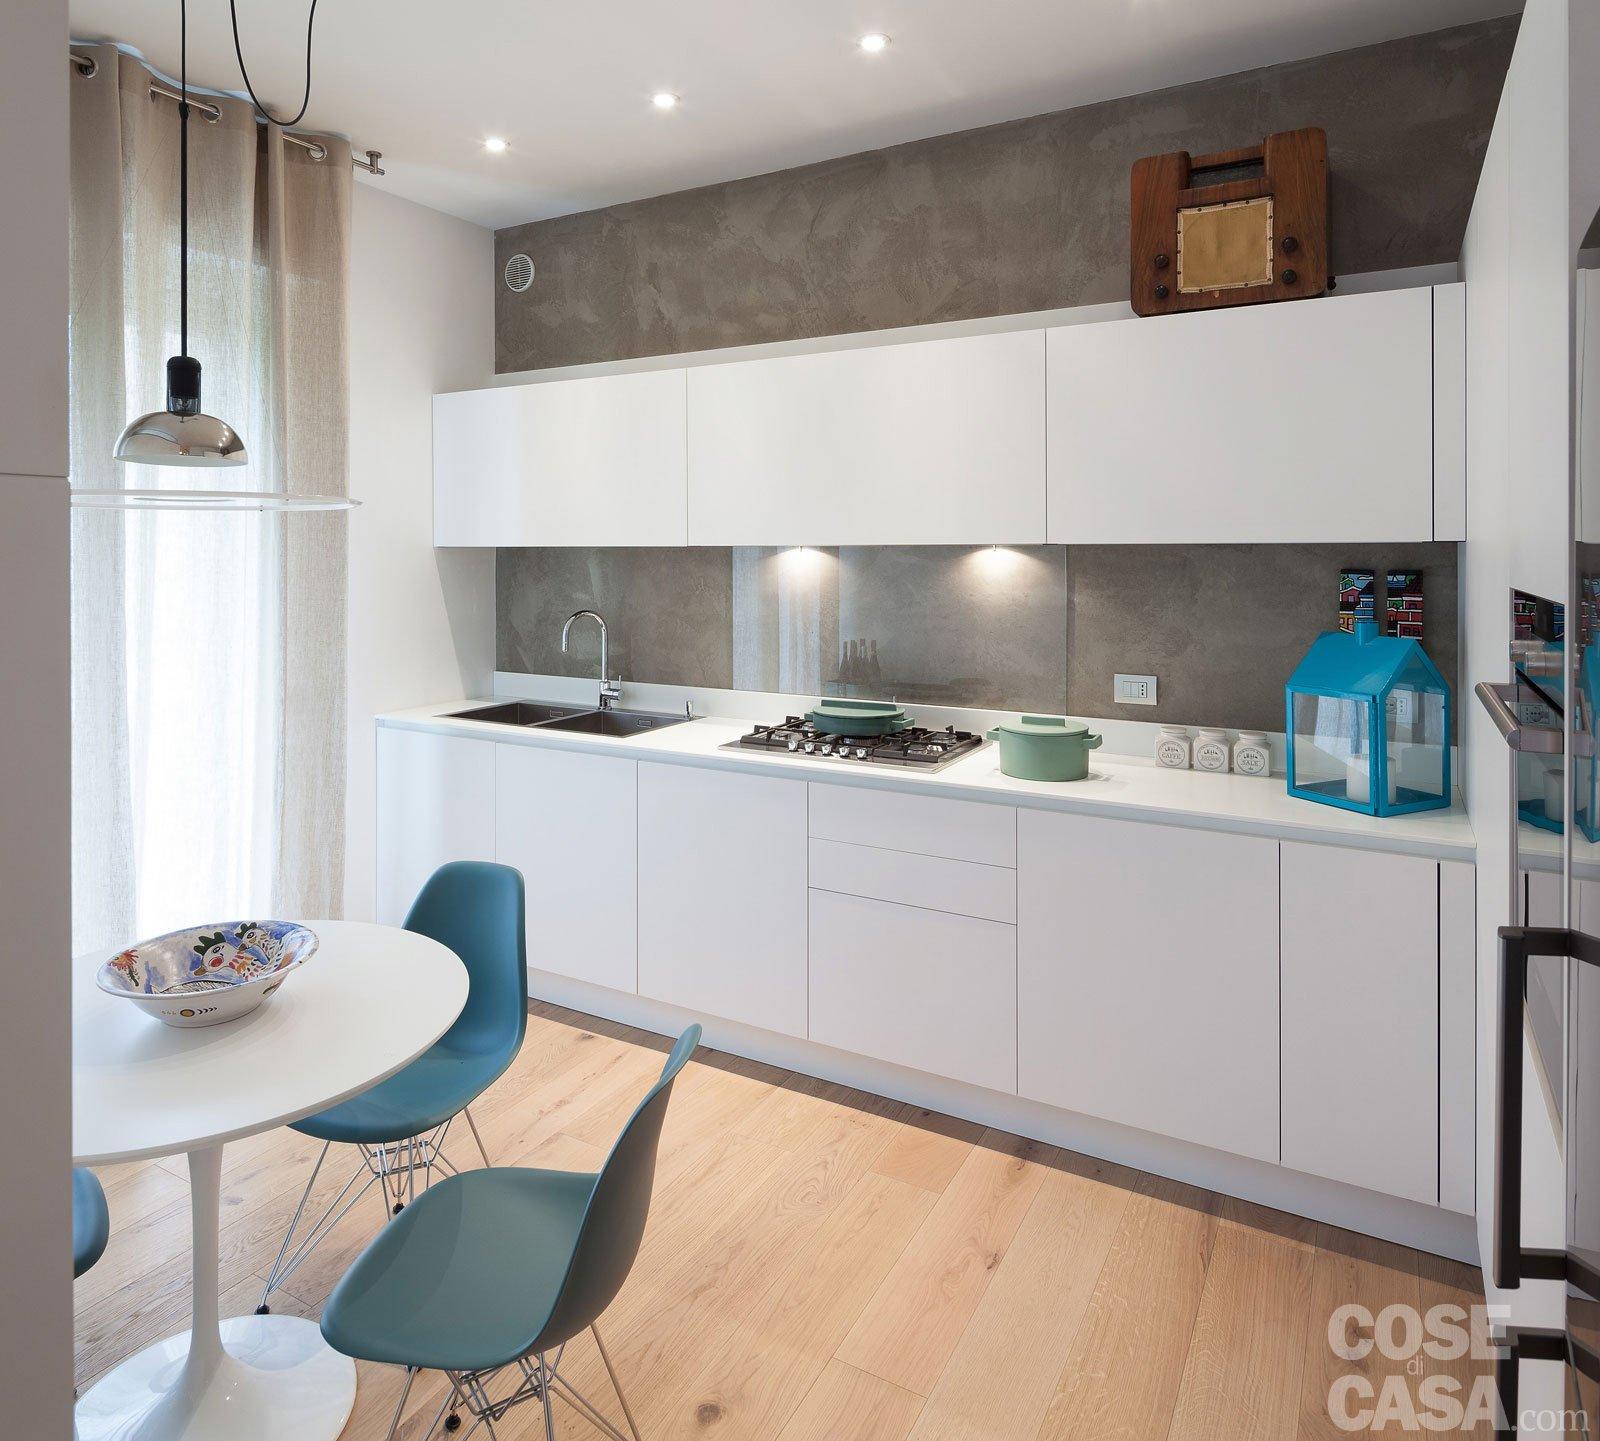 Forum consigli colore top piastrelle for Accessori cucina arredamento